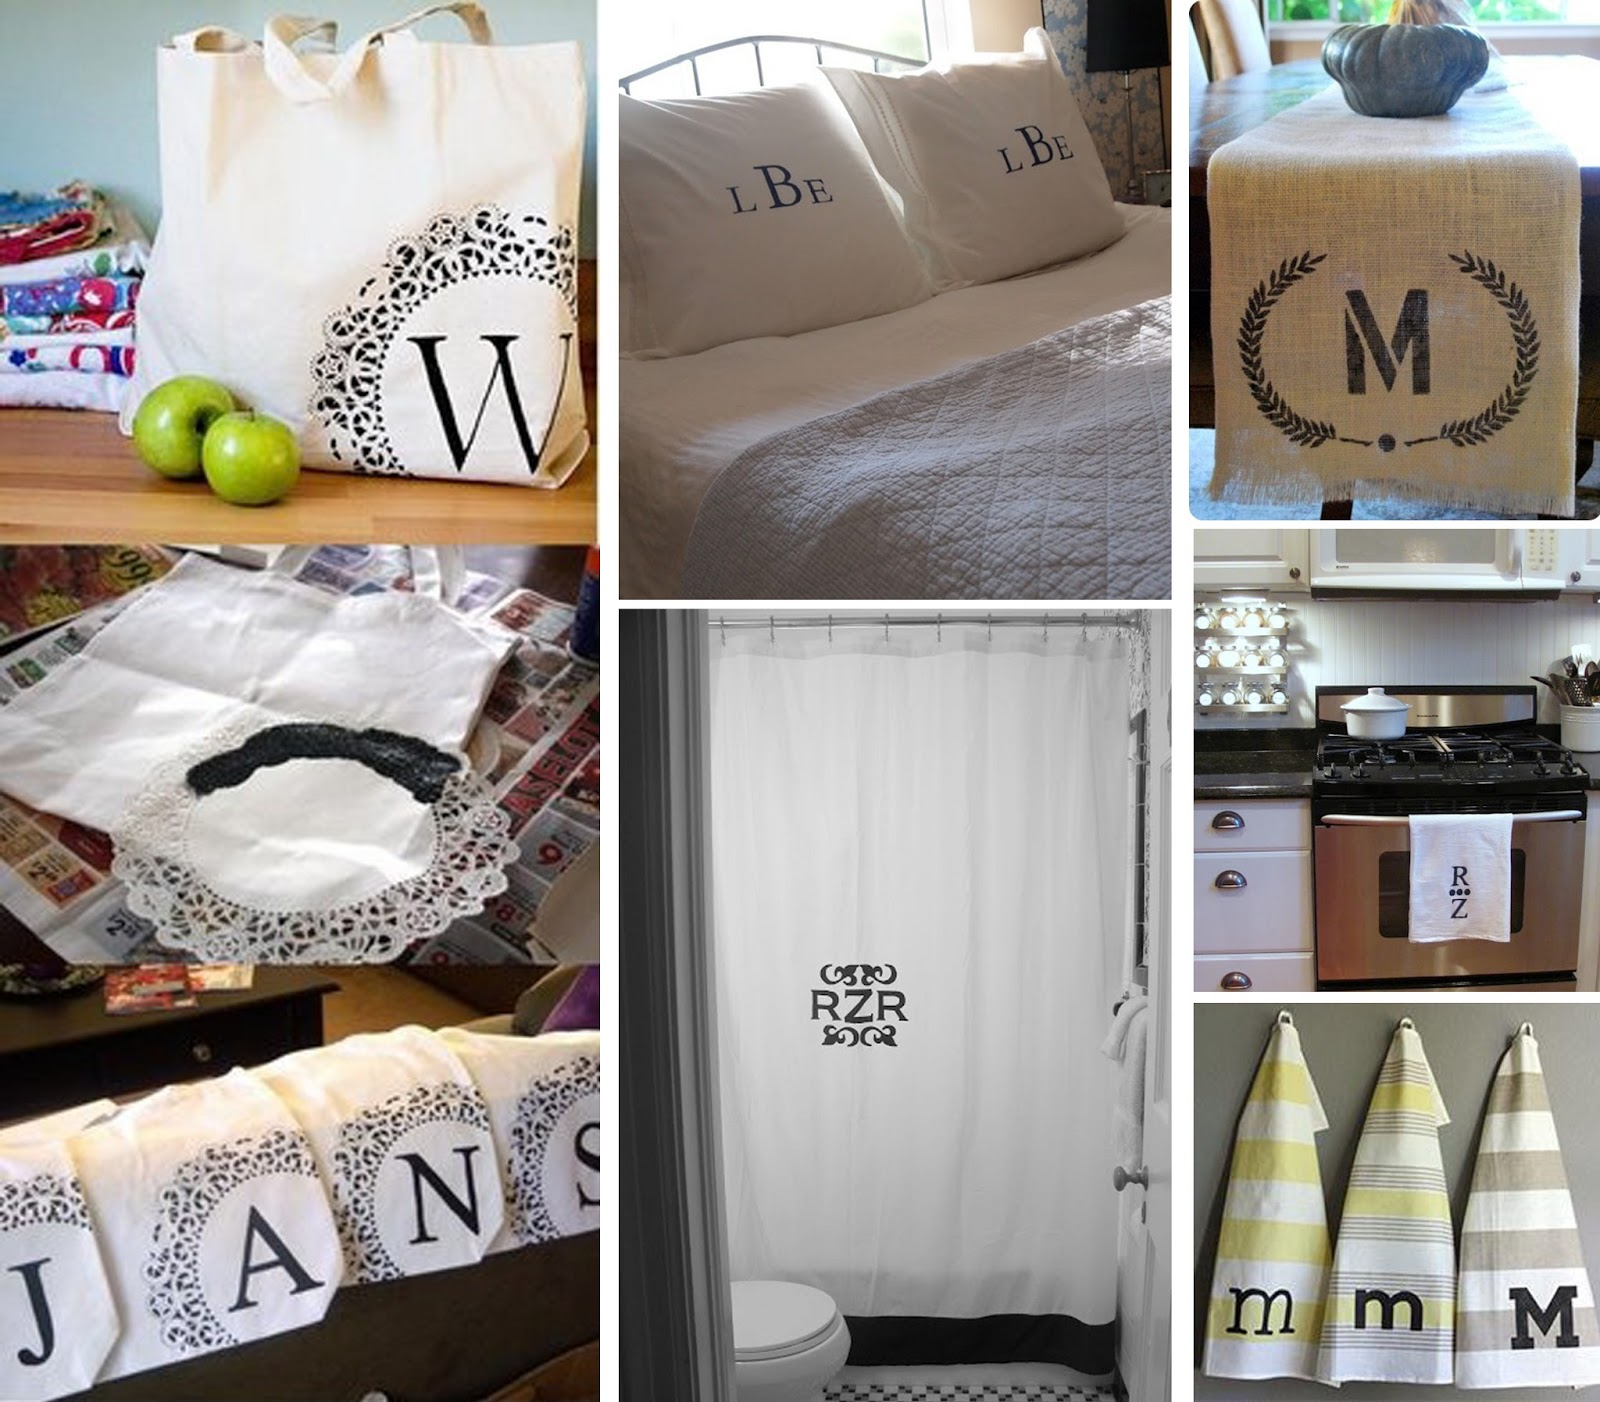 letras, DIY, manualidades, decorar, personalizar, decoración, homepersonalshopper